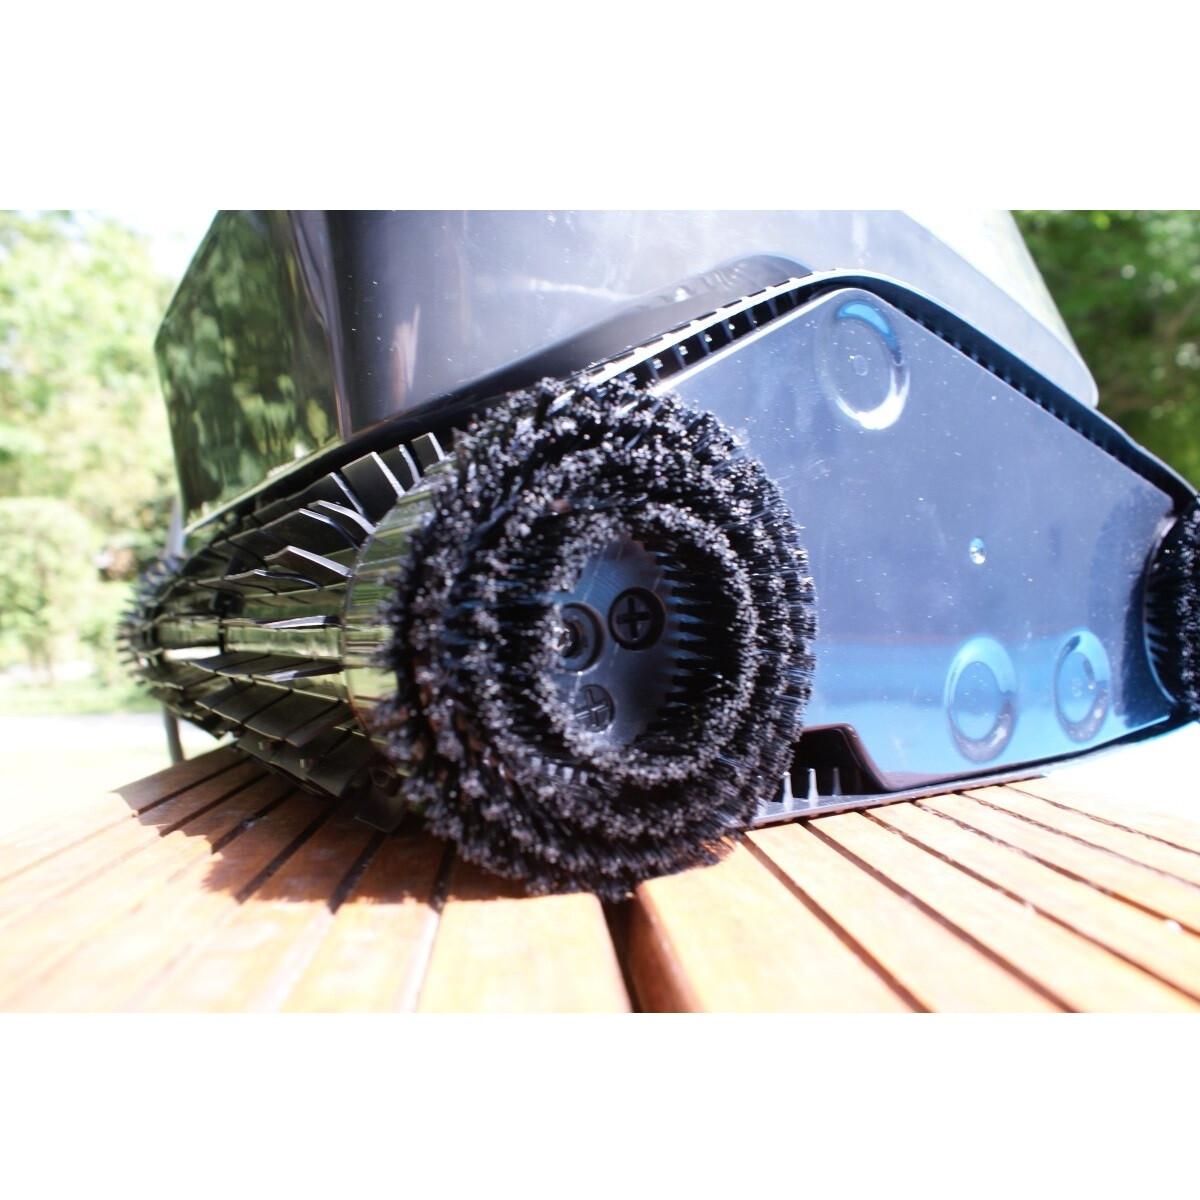 Робот-пылесоc AquaViva 7320 Black Pearl-4